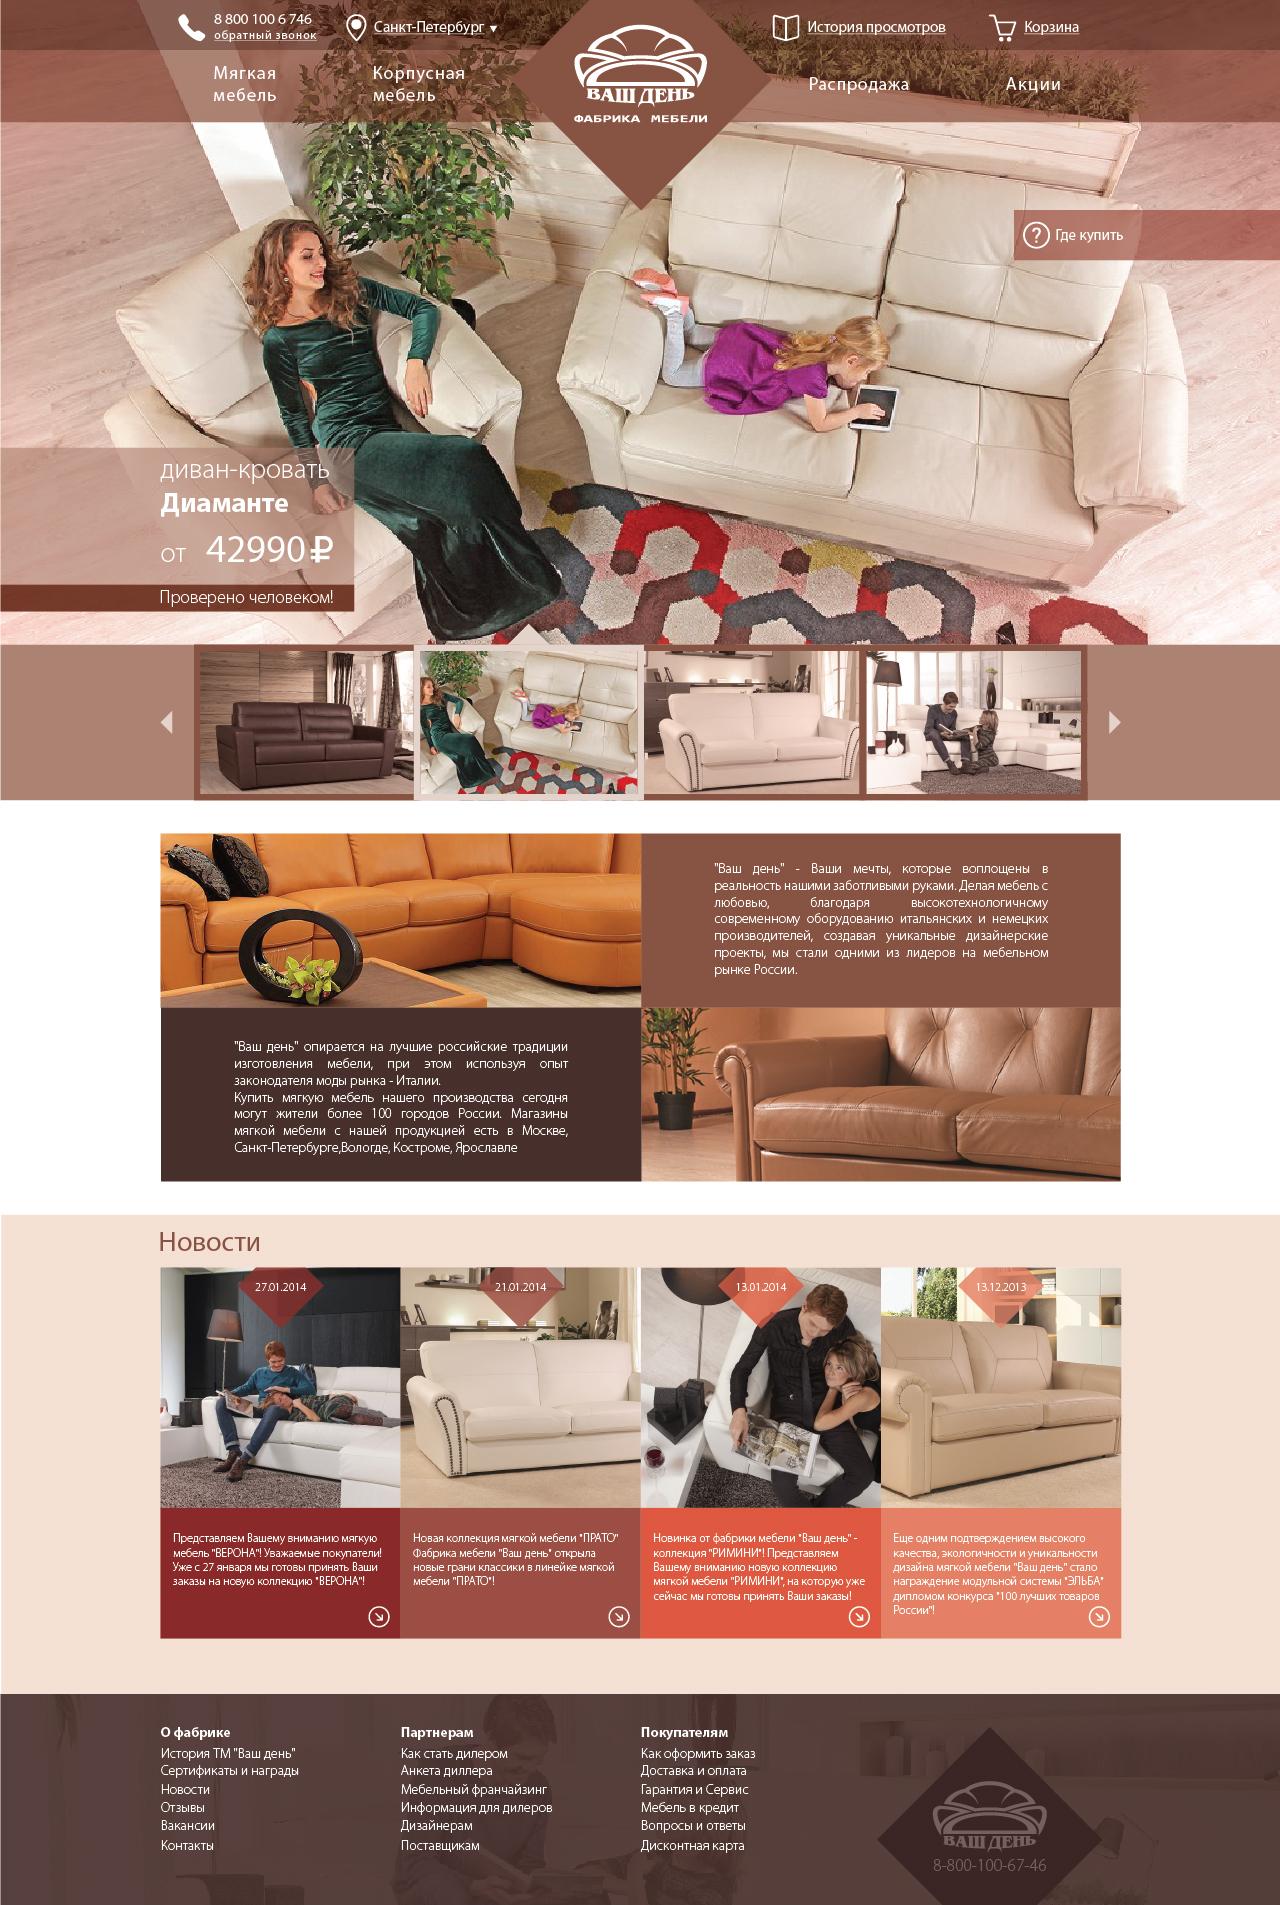 Разработать дизайн для интернет-магазина мебели фото f_27352eea03e255f4.jpg